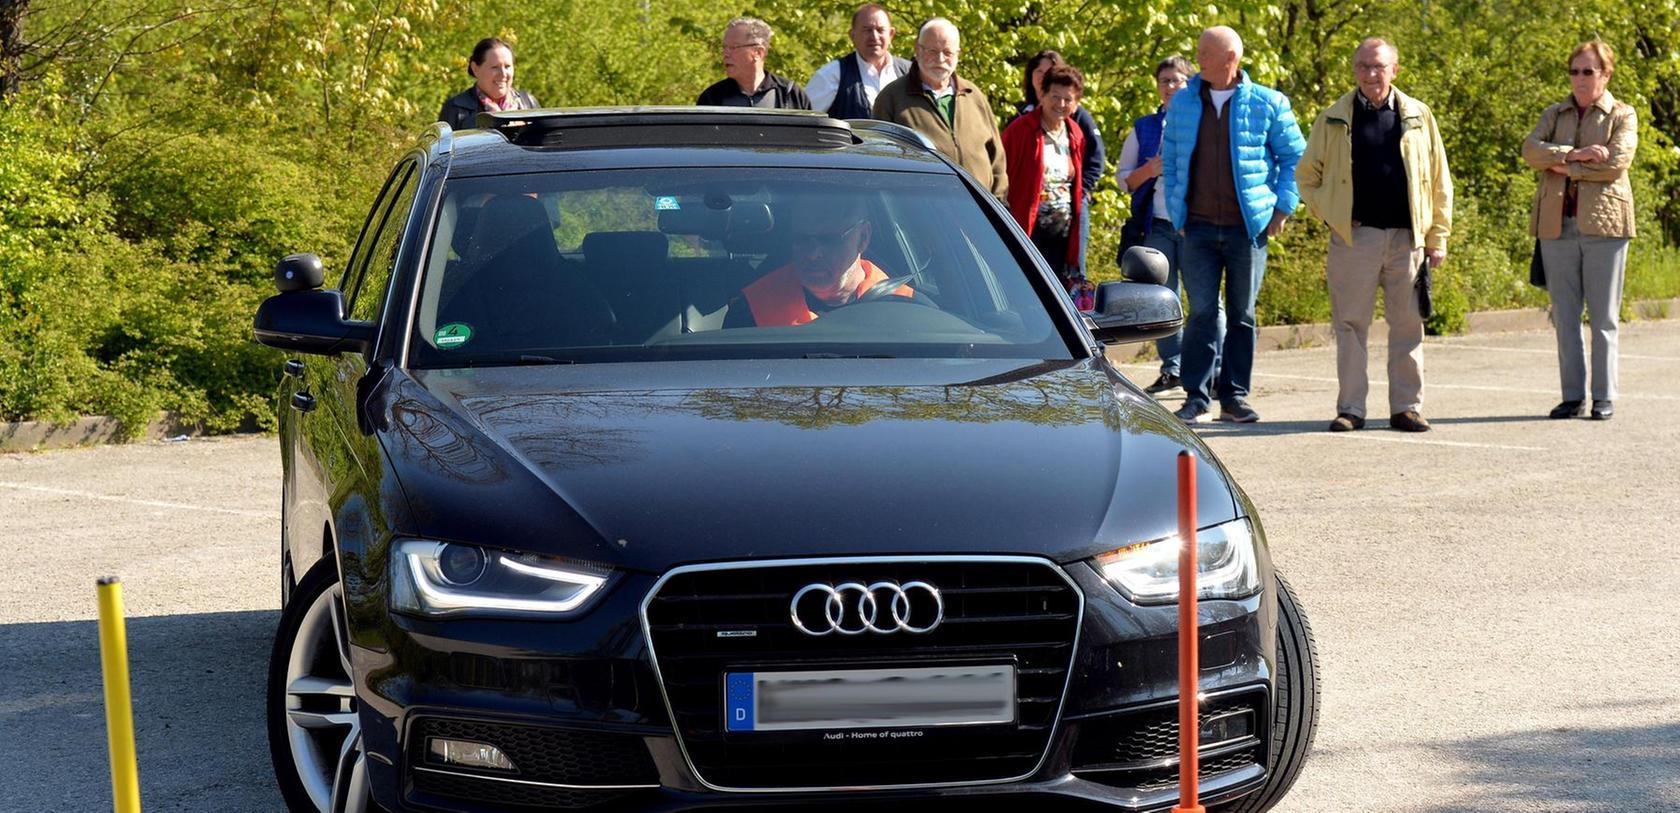 Fahrtraining auf dem Parkplatz am Freibad: Fahrlehrer Peter Fischer macht vor, wie man optimalerweise in eine Parklücke kommt. Später üben die Senioren die verschiedenen Einparktechniken.